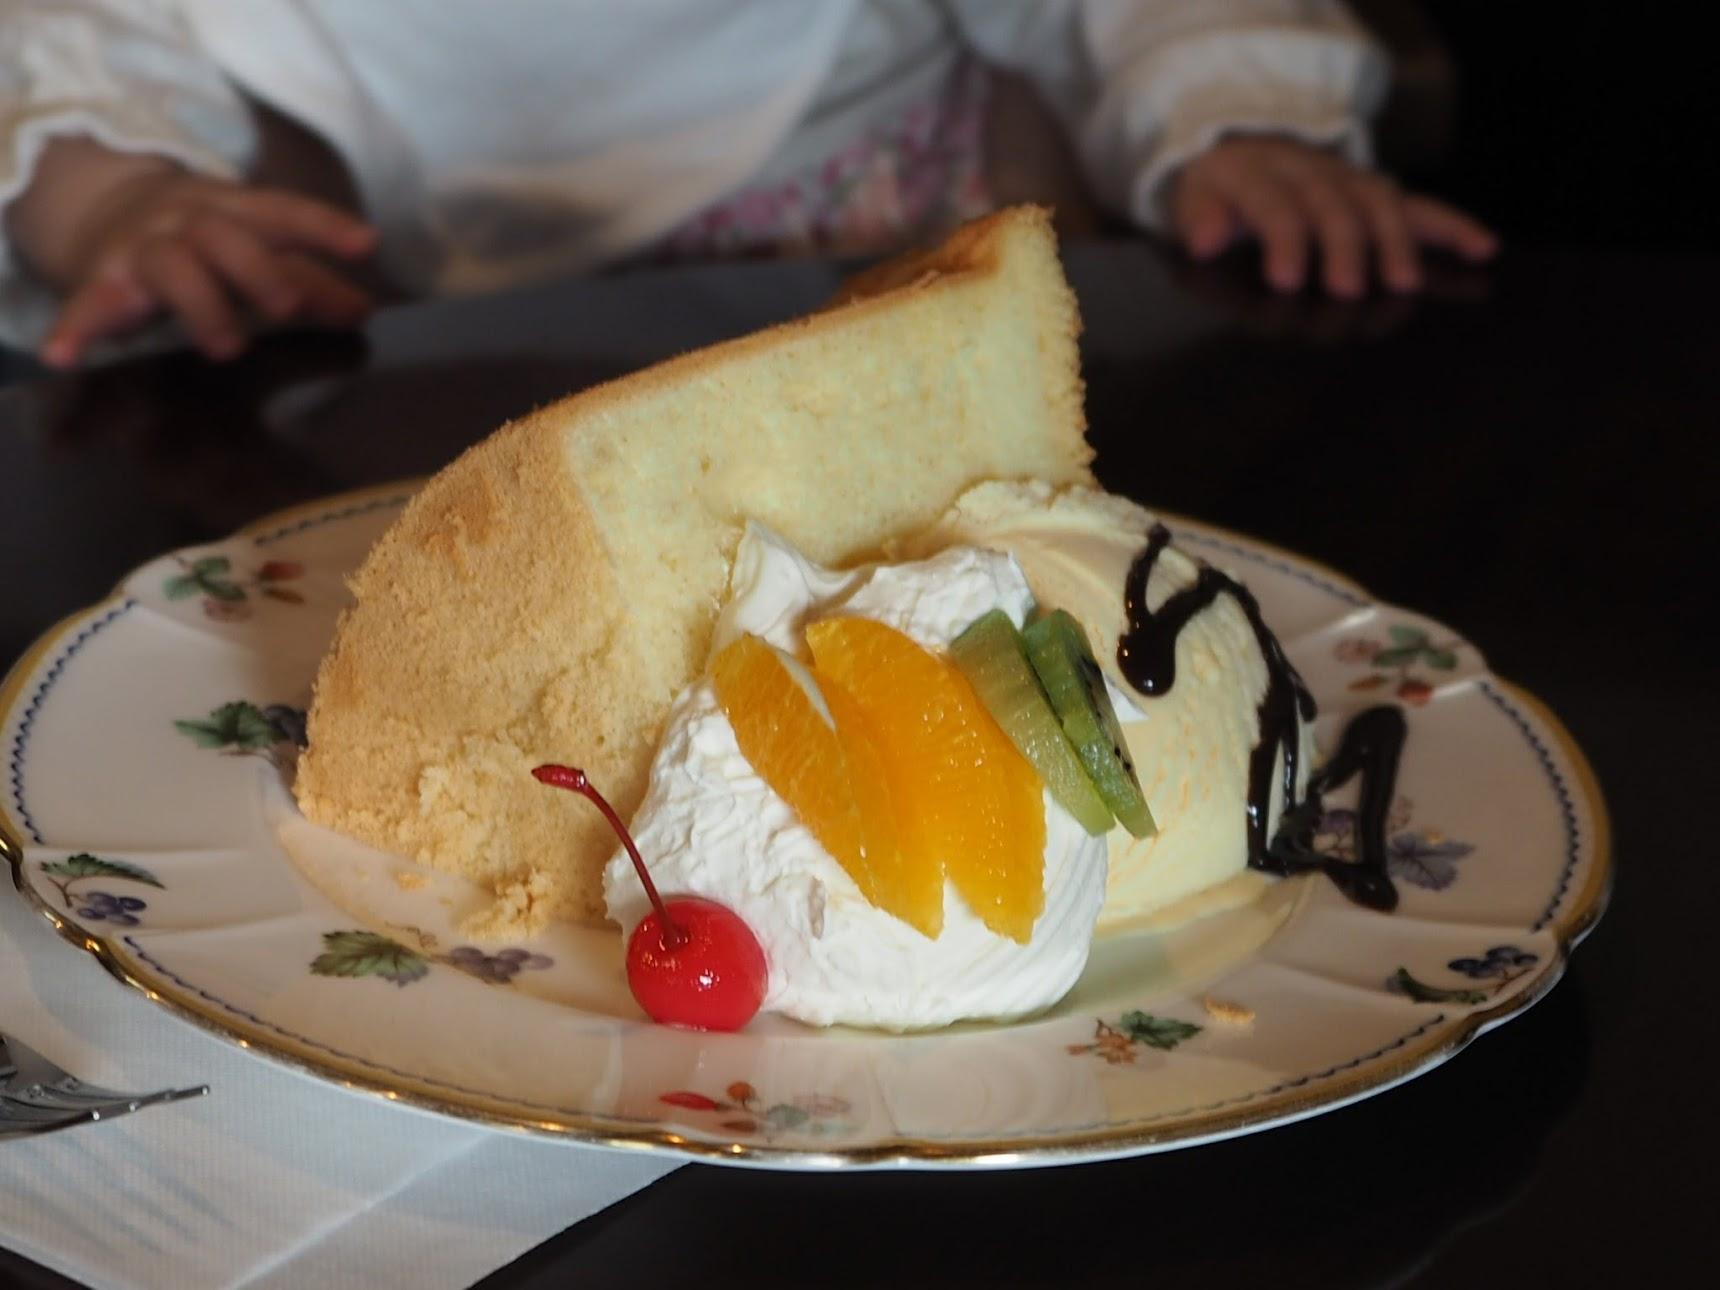 コーヒーファームの自家製ケーキ